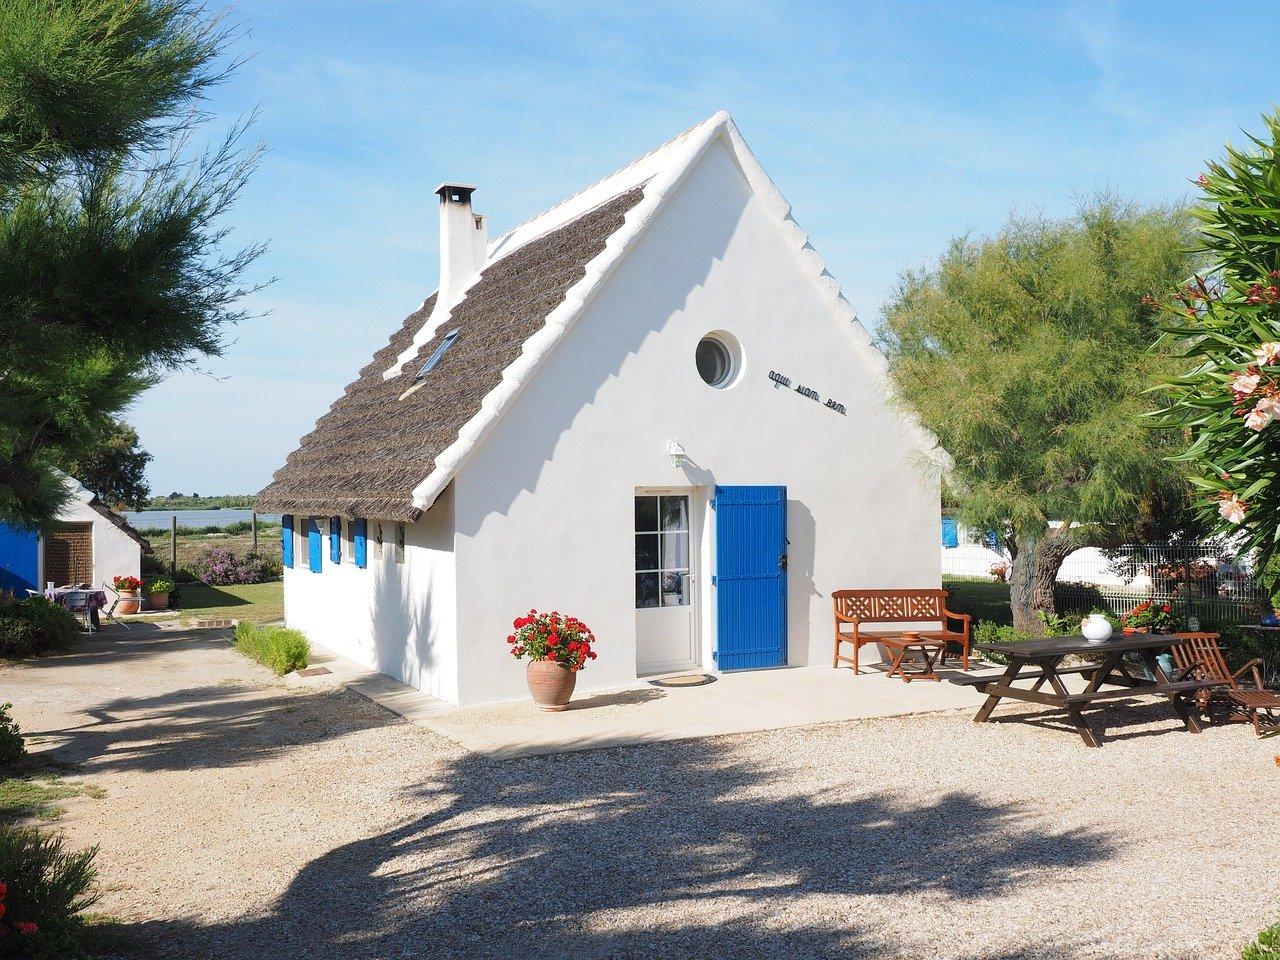 maison de vacances dans les Bouches-du-Rhône